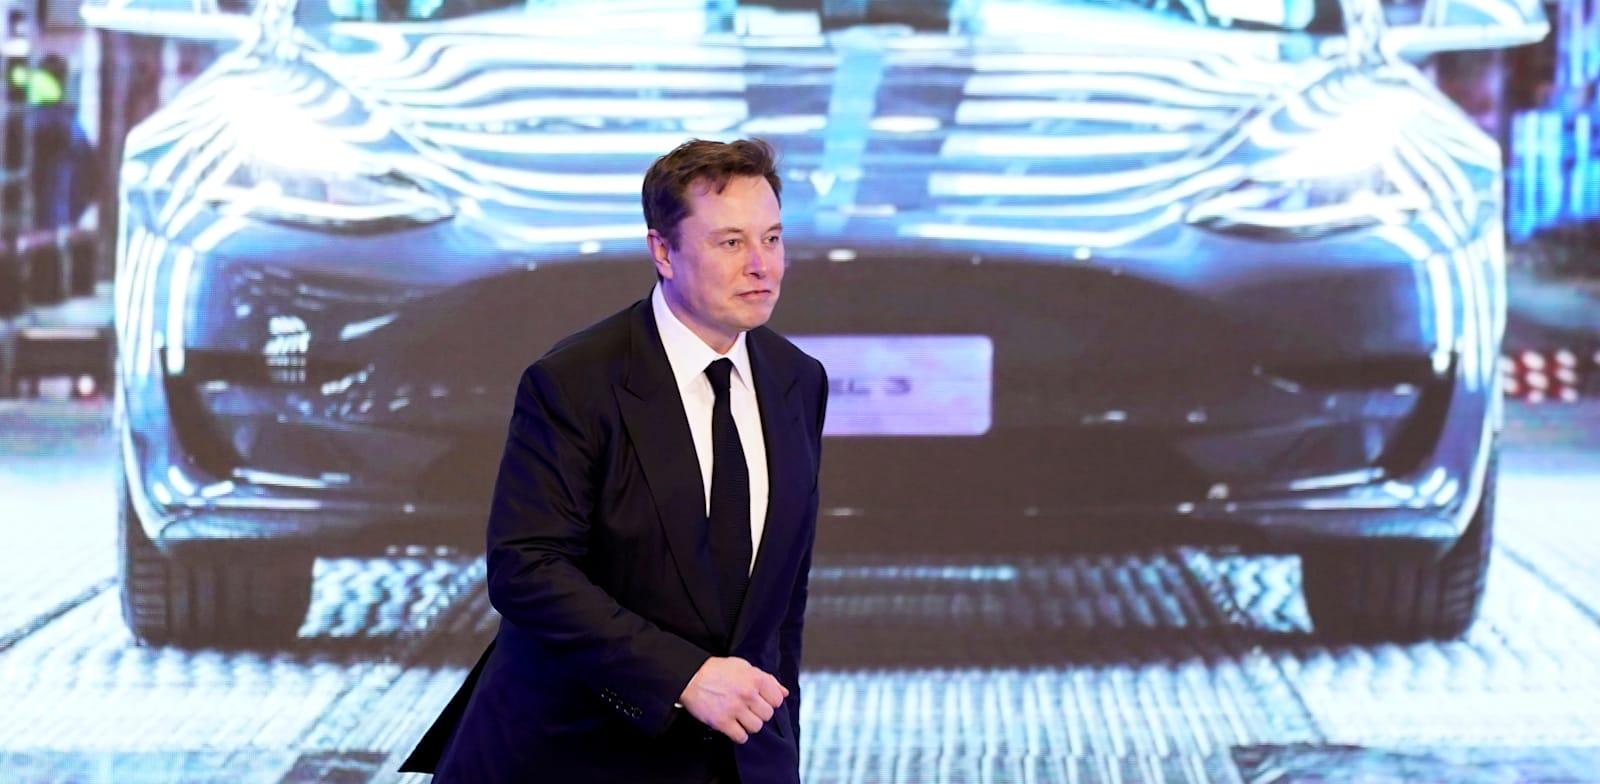 אלון מאסק על רקע מכונית טסלה 3 / צילום: Reuters, ALY SONG